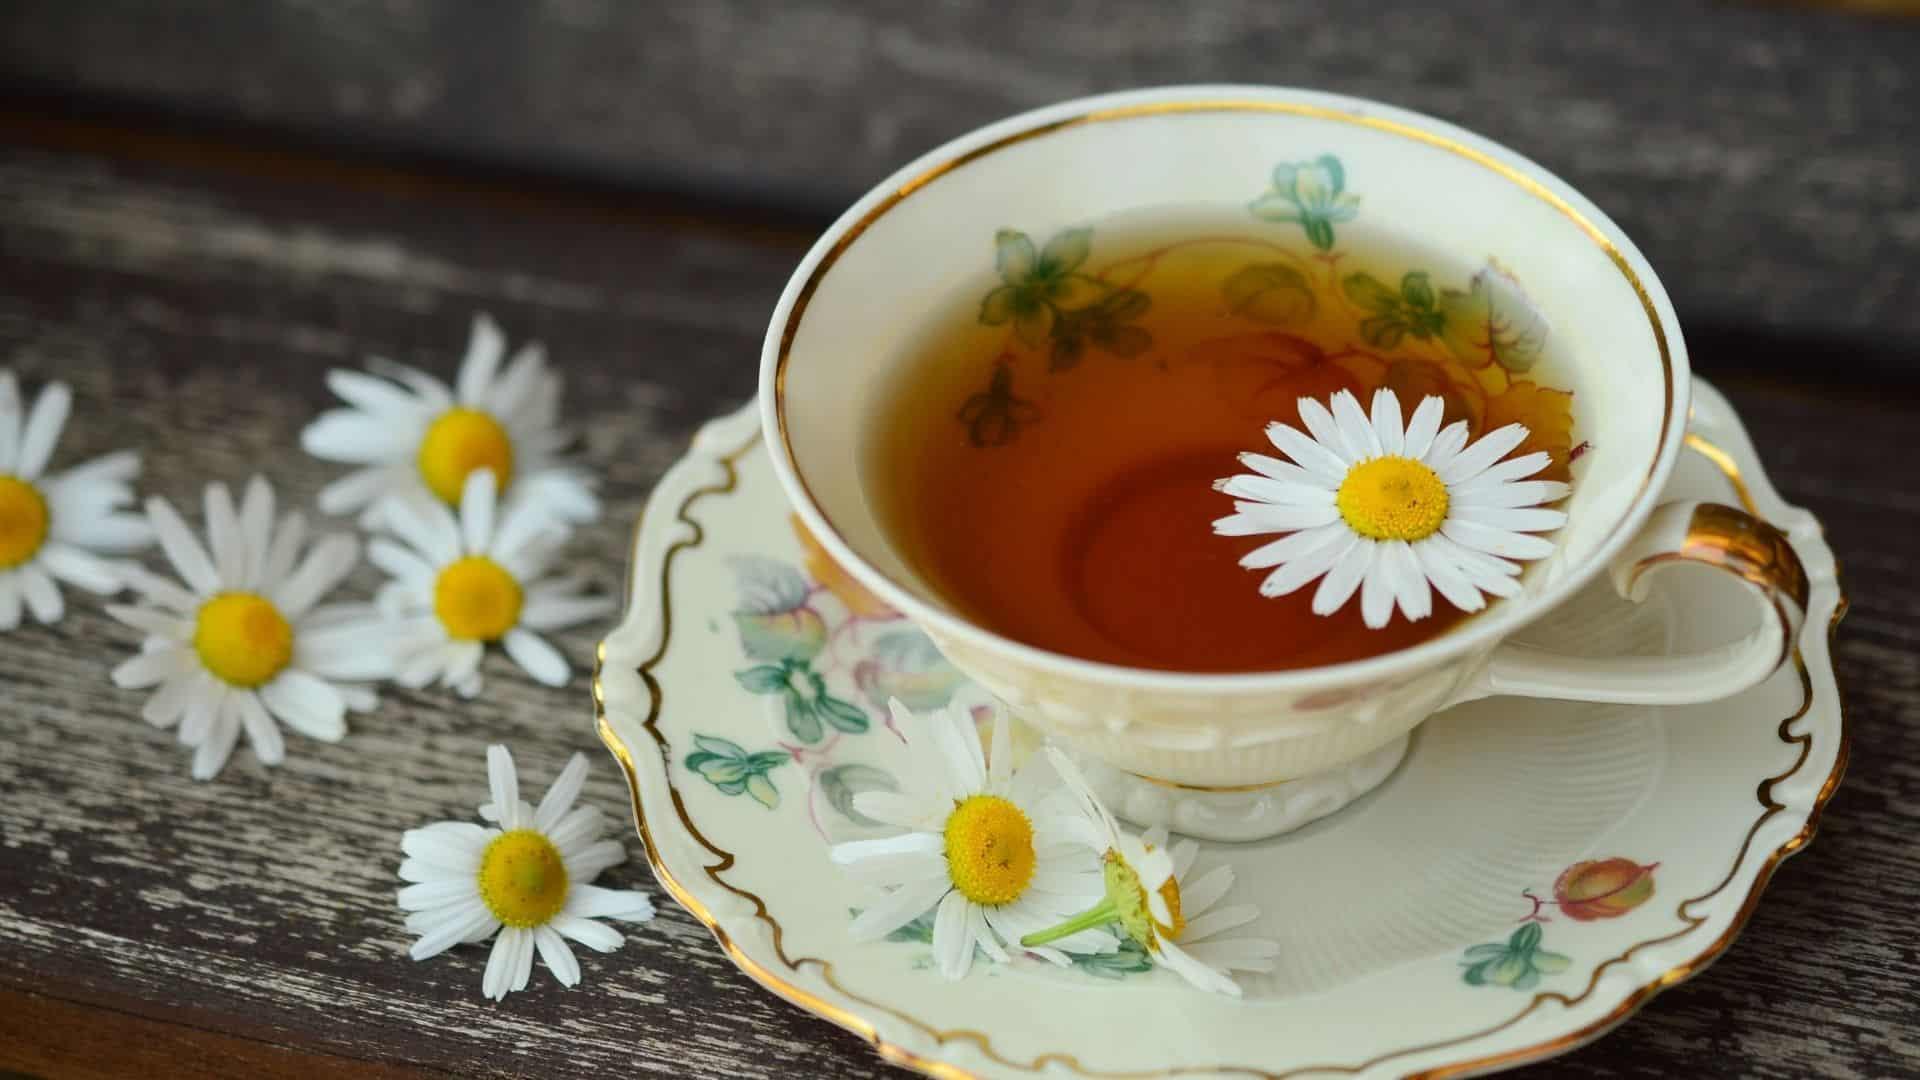 Vannak, akik úgy gondolják, hogy bizonyos teák mágikus tulajdonságokat tartalmaznak, és amikor kamilláról van szó, nem feltétlenül tévednek. A kamilla tea gyógyító hatása előnyei az alvás segítéséről az emésztés elősegítéséig terjednek, és az ital akár szerepet játszhat a szív egészségében is.